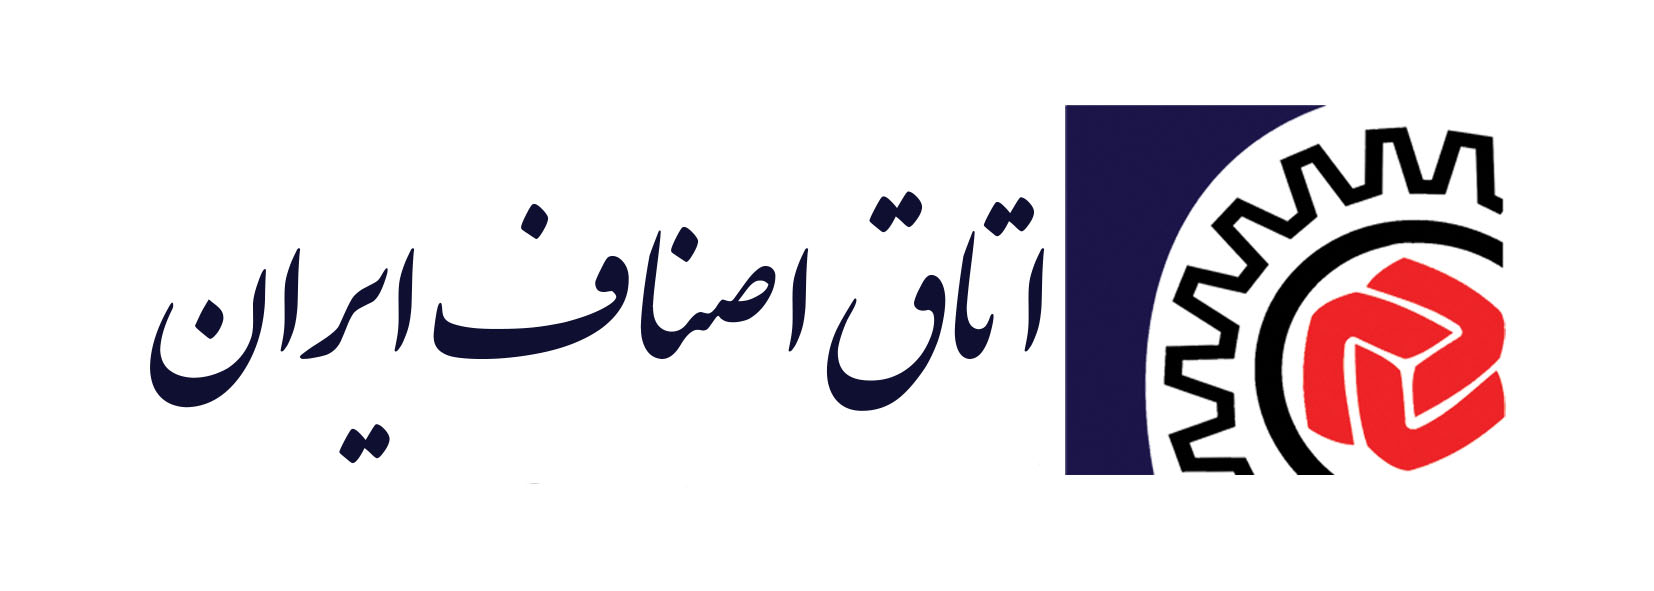 شگرد غیراخلاقی ۲ فروشگاه اینترنتی ایرانی در